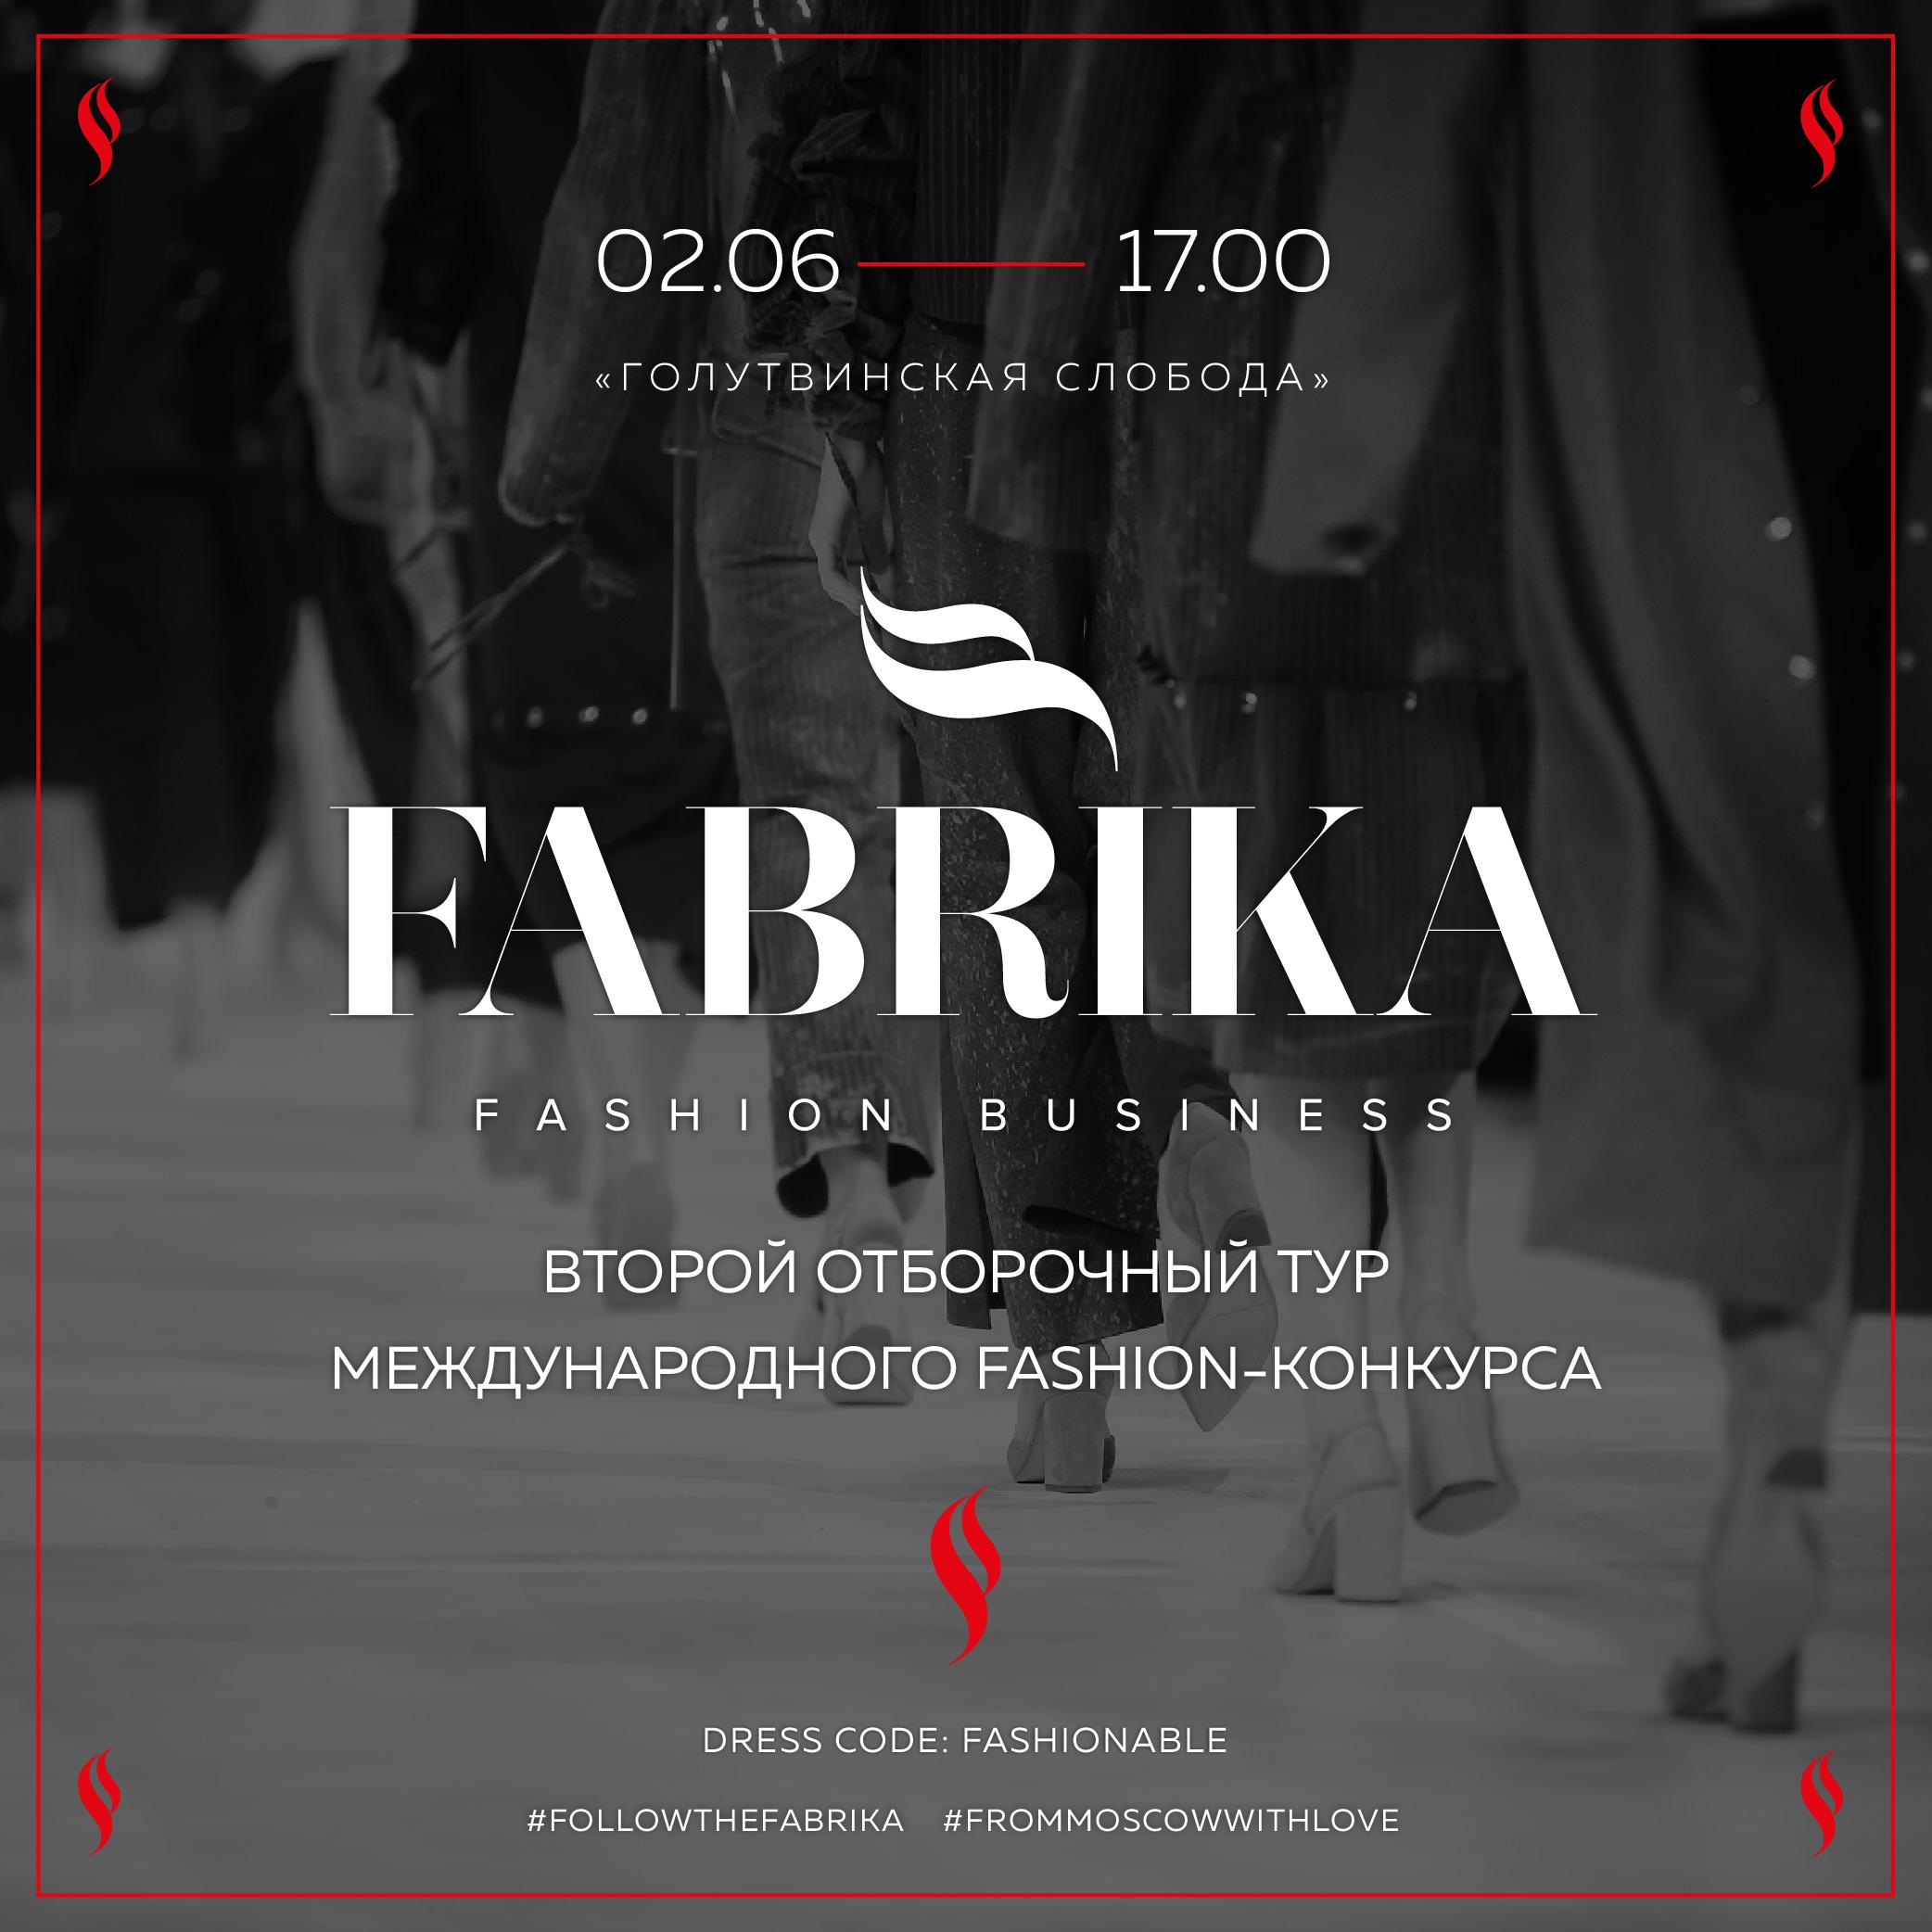 Конкурс FollowTheFabrika вновь в поиске талантов для выхода на мировой fashion рынок